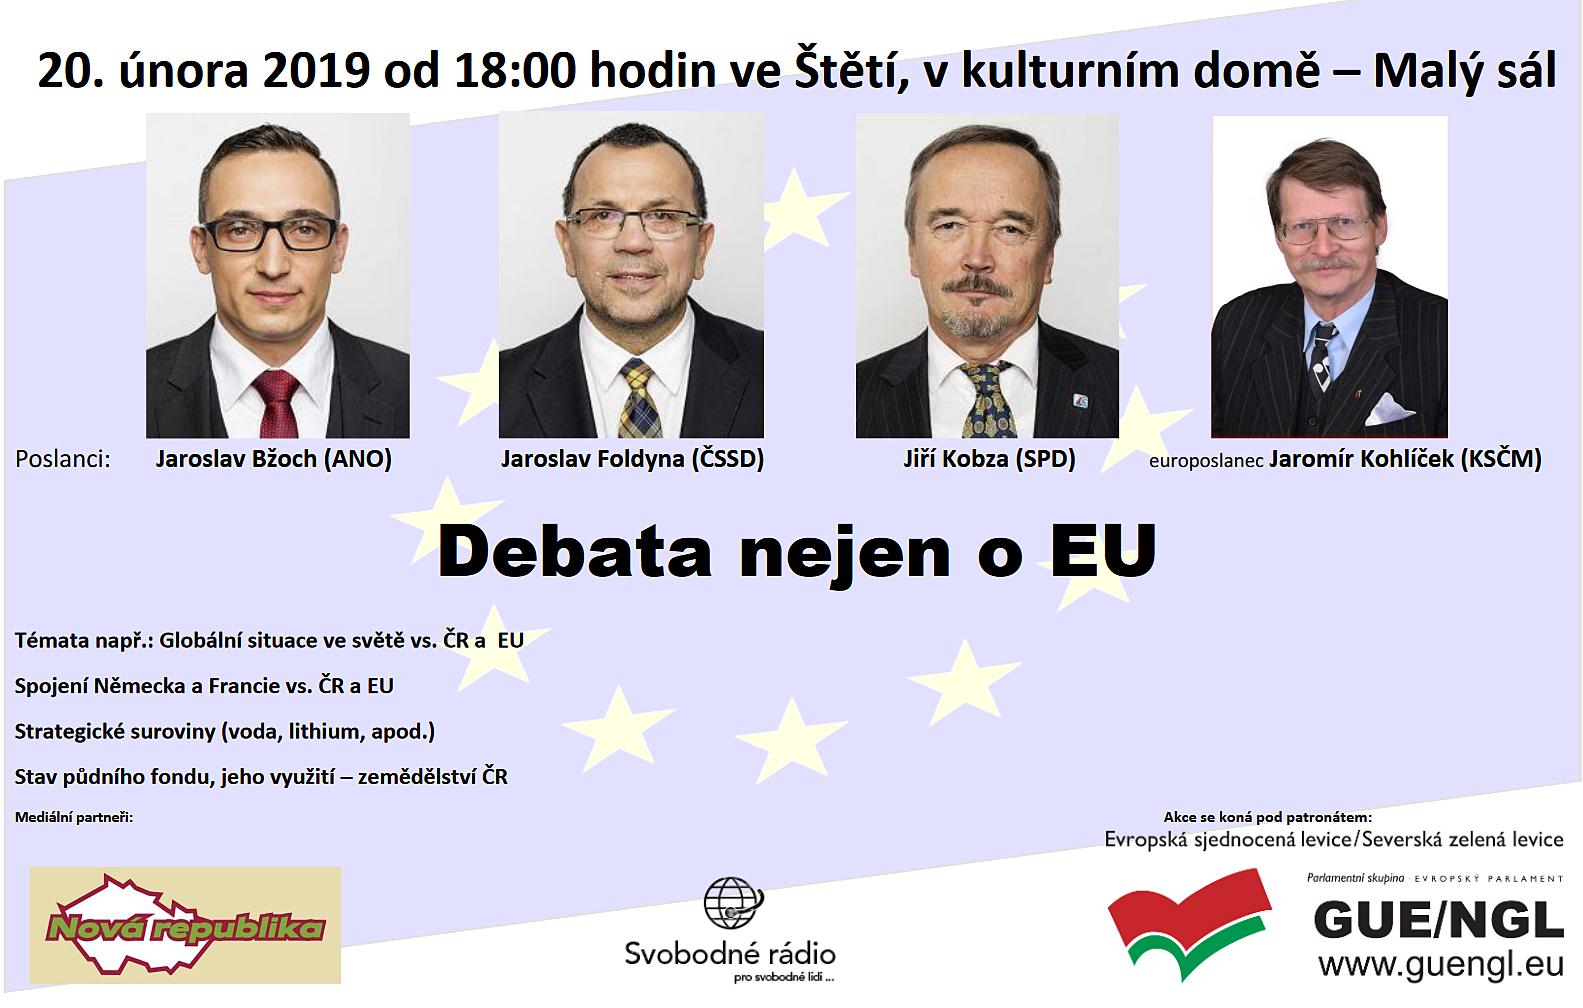 Debata 20. 2. 2019 od 18.00